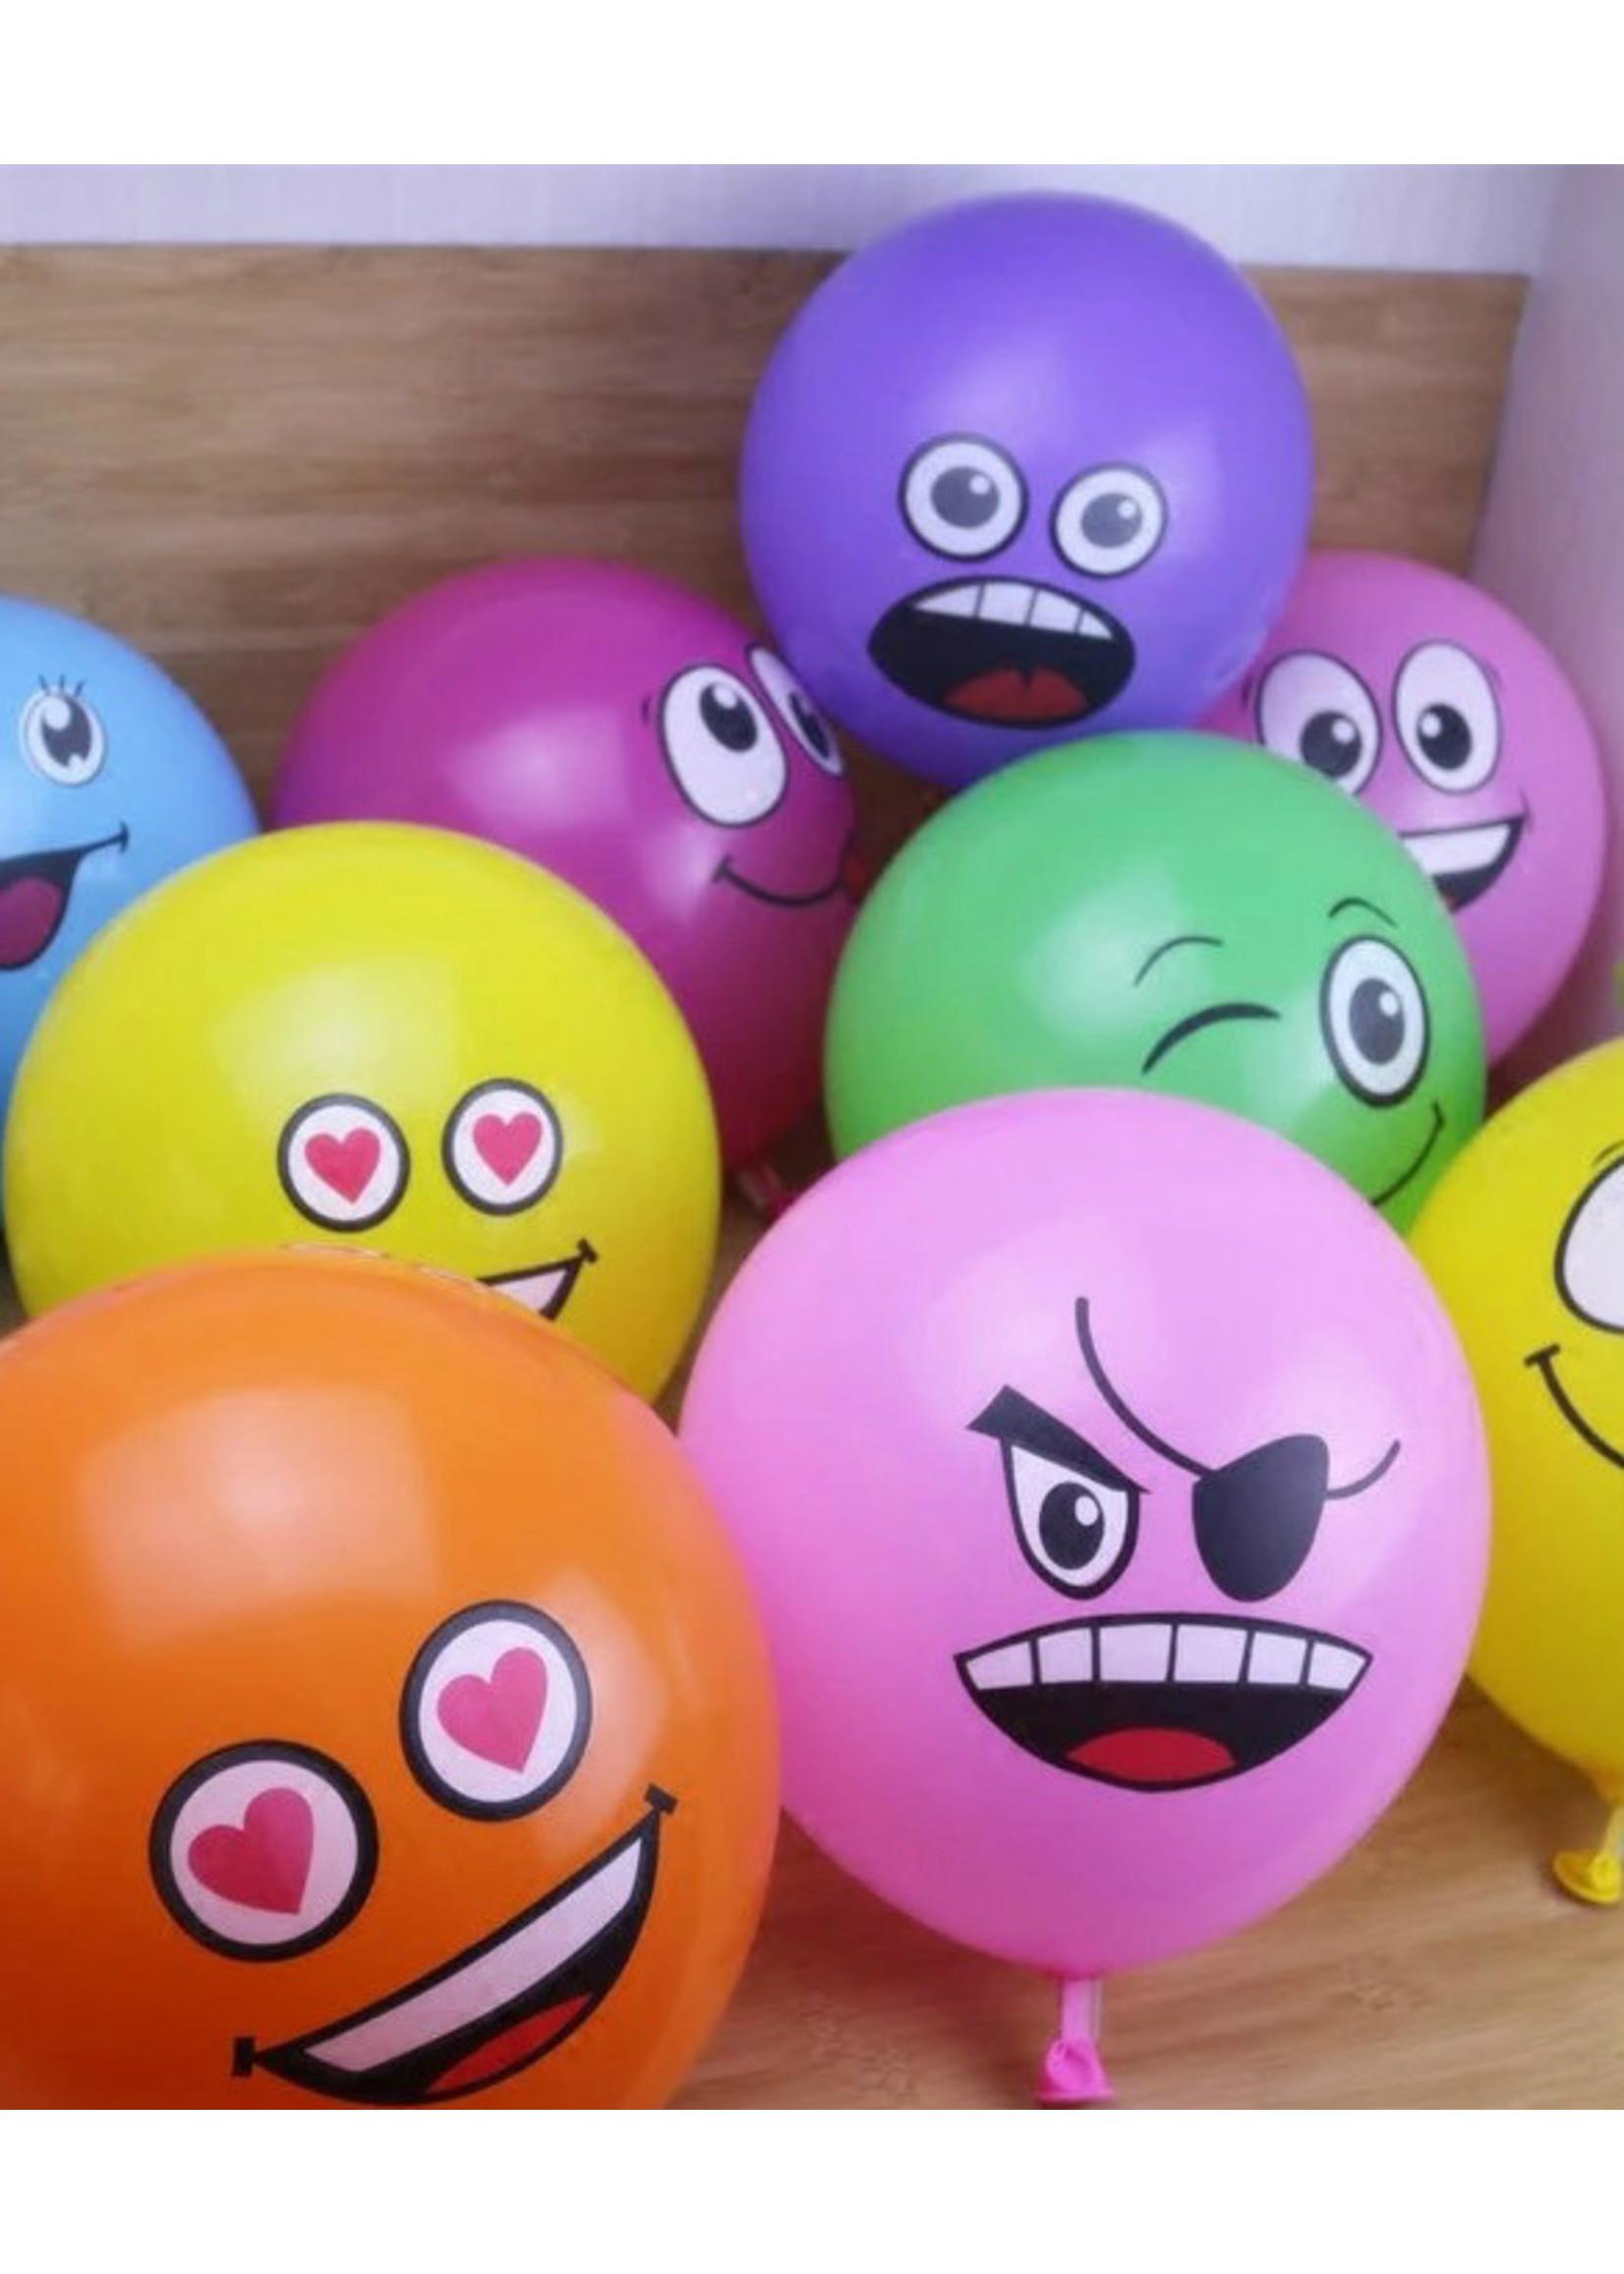 Annienas ballon met gek gezicht